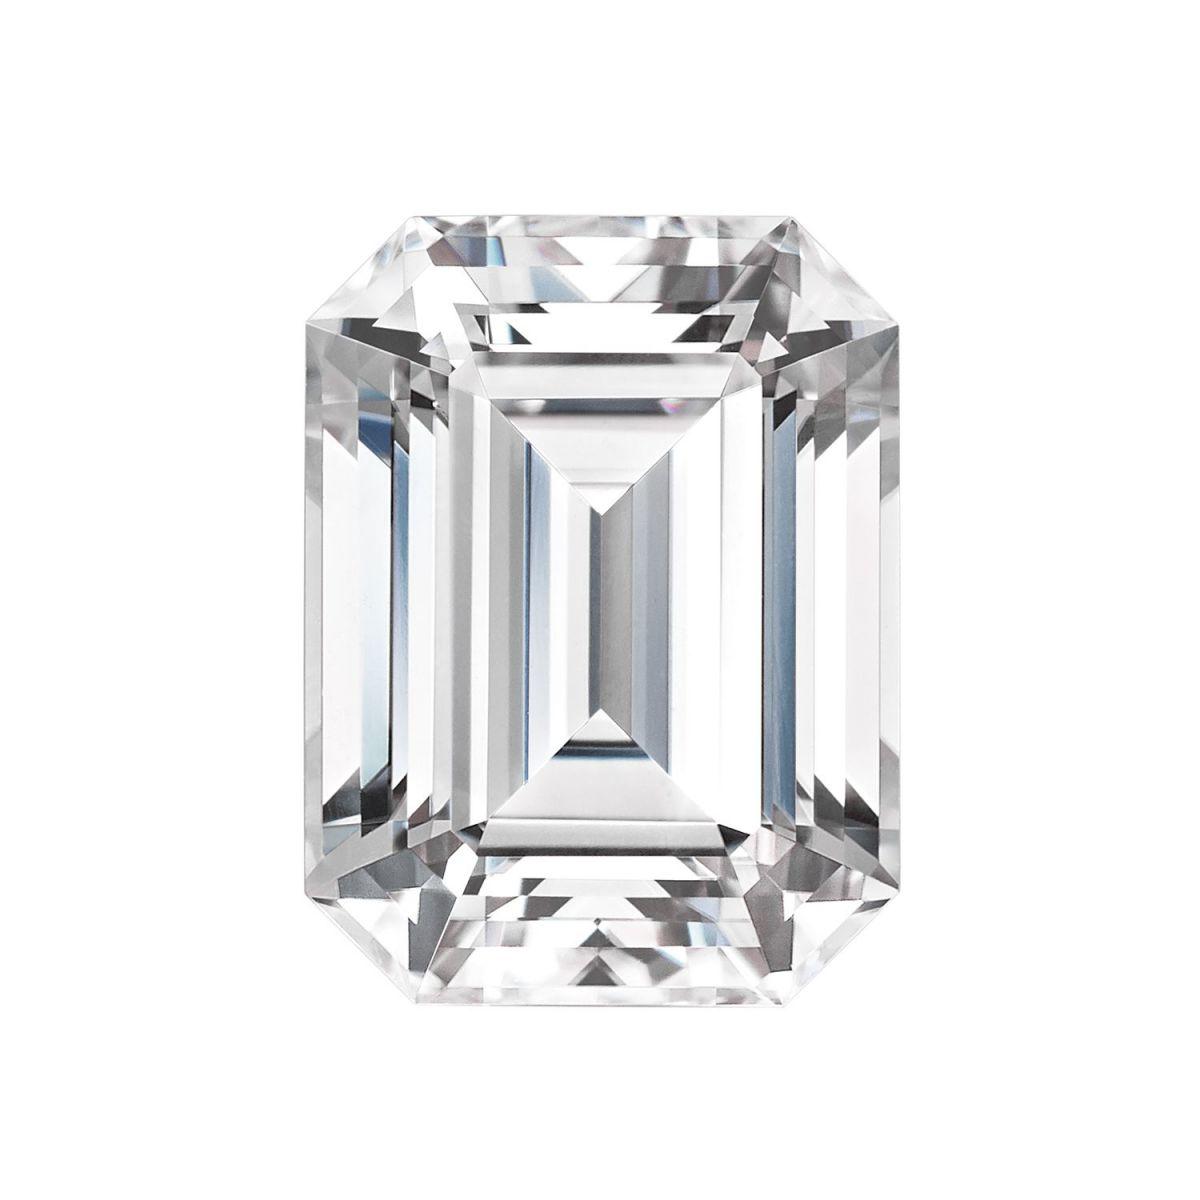 https://www.loveandpromisejewelers.com/media/catalog/product/cache/1b8ff75e92e9e3eb7d814fc024f6d8df/e/m/emerald_moissanite_image_1.jpg